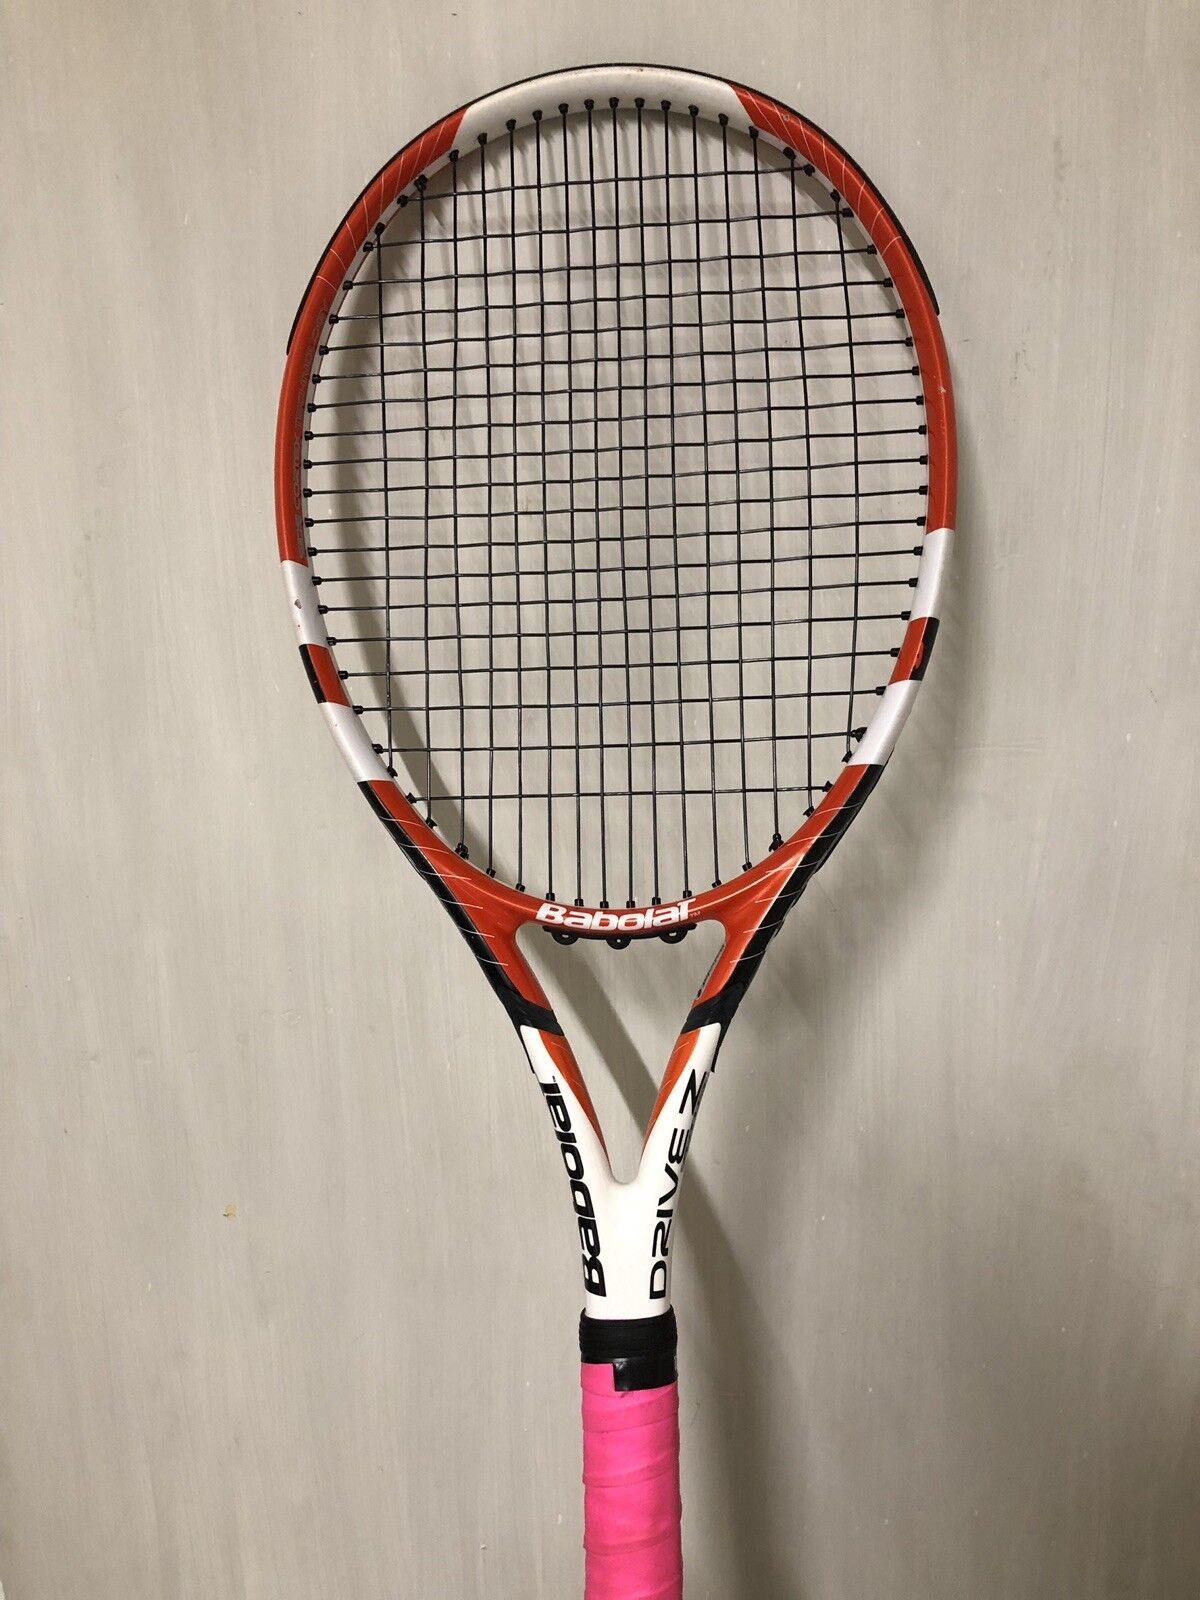 Tennisschläger von Babolat Drive Z  | Maßstab Maßstab Maßstab ist der Grundstein, Qualität ist Säulenbalken, Preis ist Leiter  | Neueste Technologie  | Verrückter Preis, Birmingham  e9a443